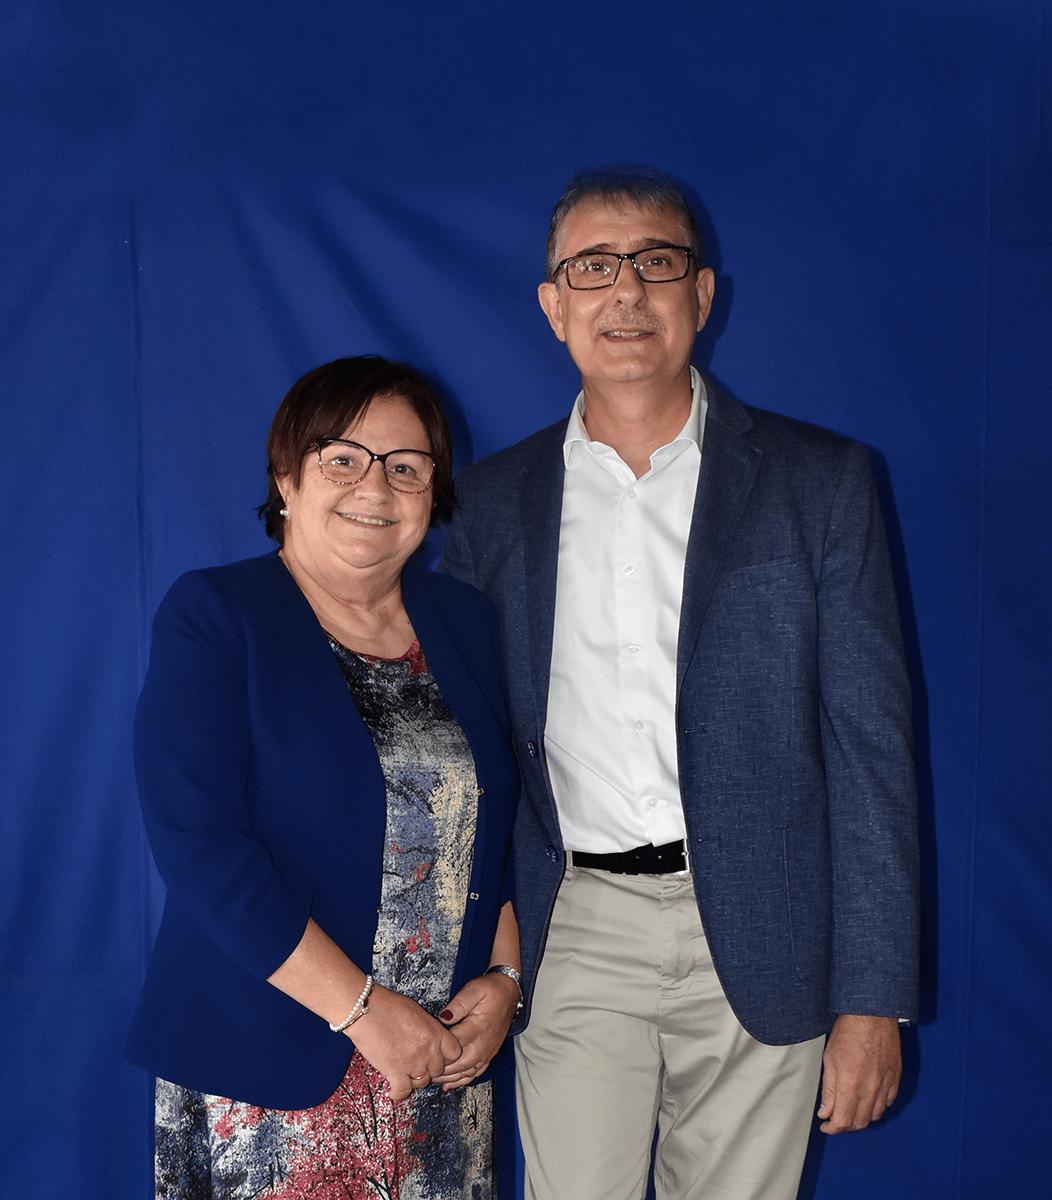 Antonio Abellán y Elvira Arias   Centro de Vida Cristiana